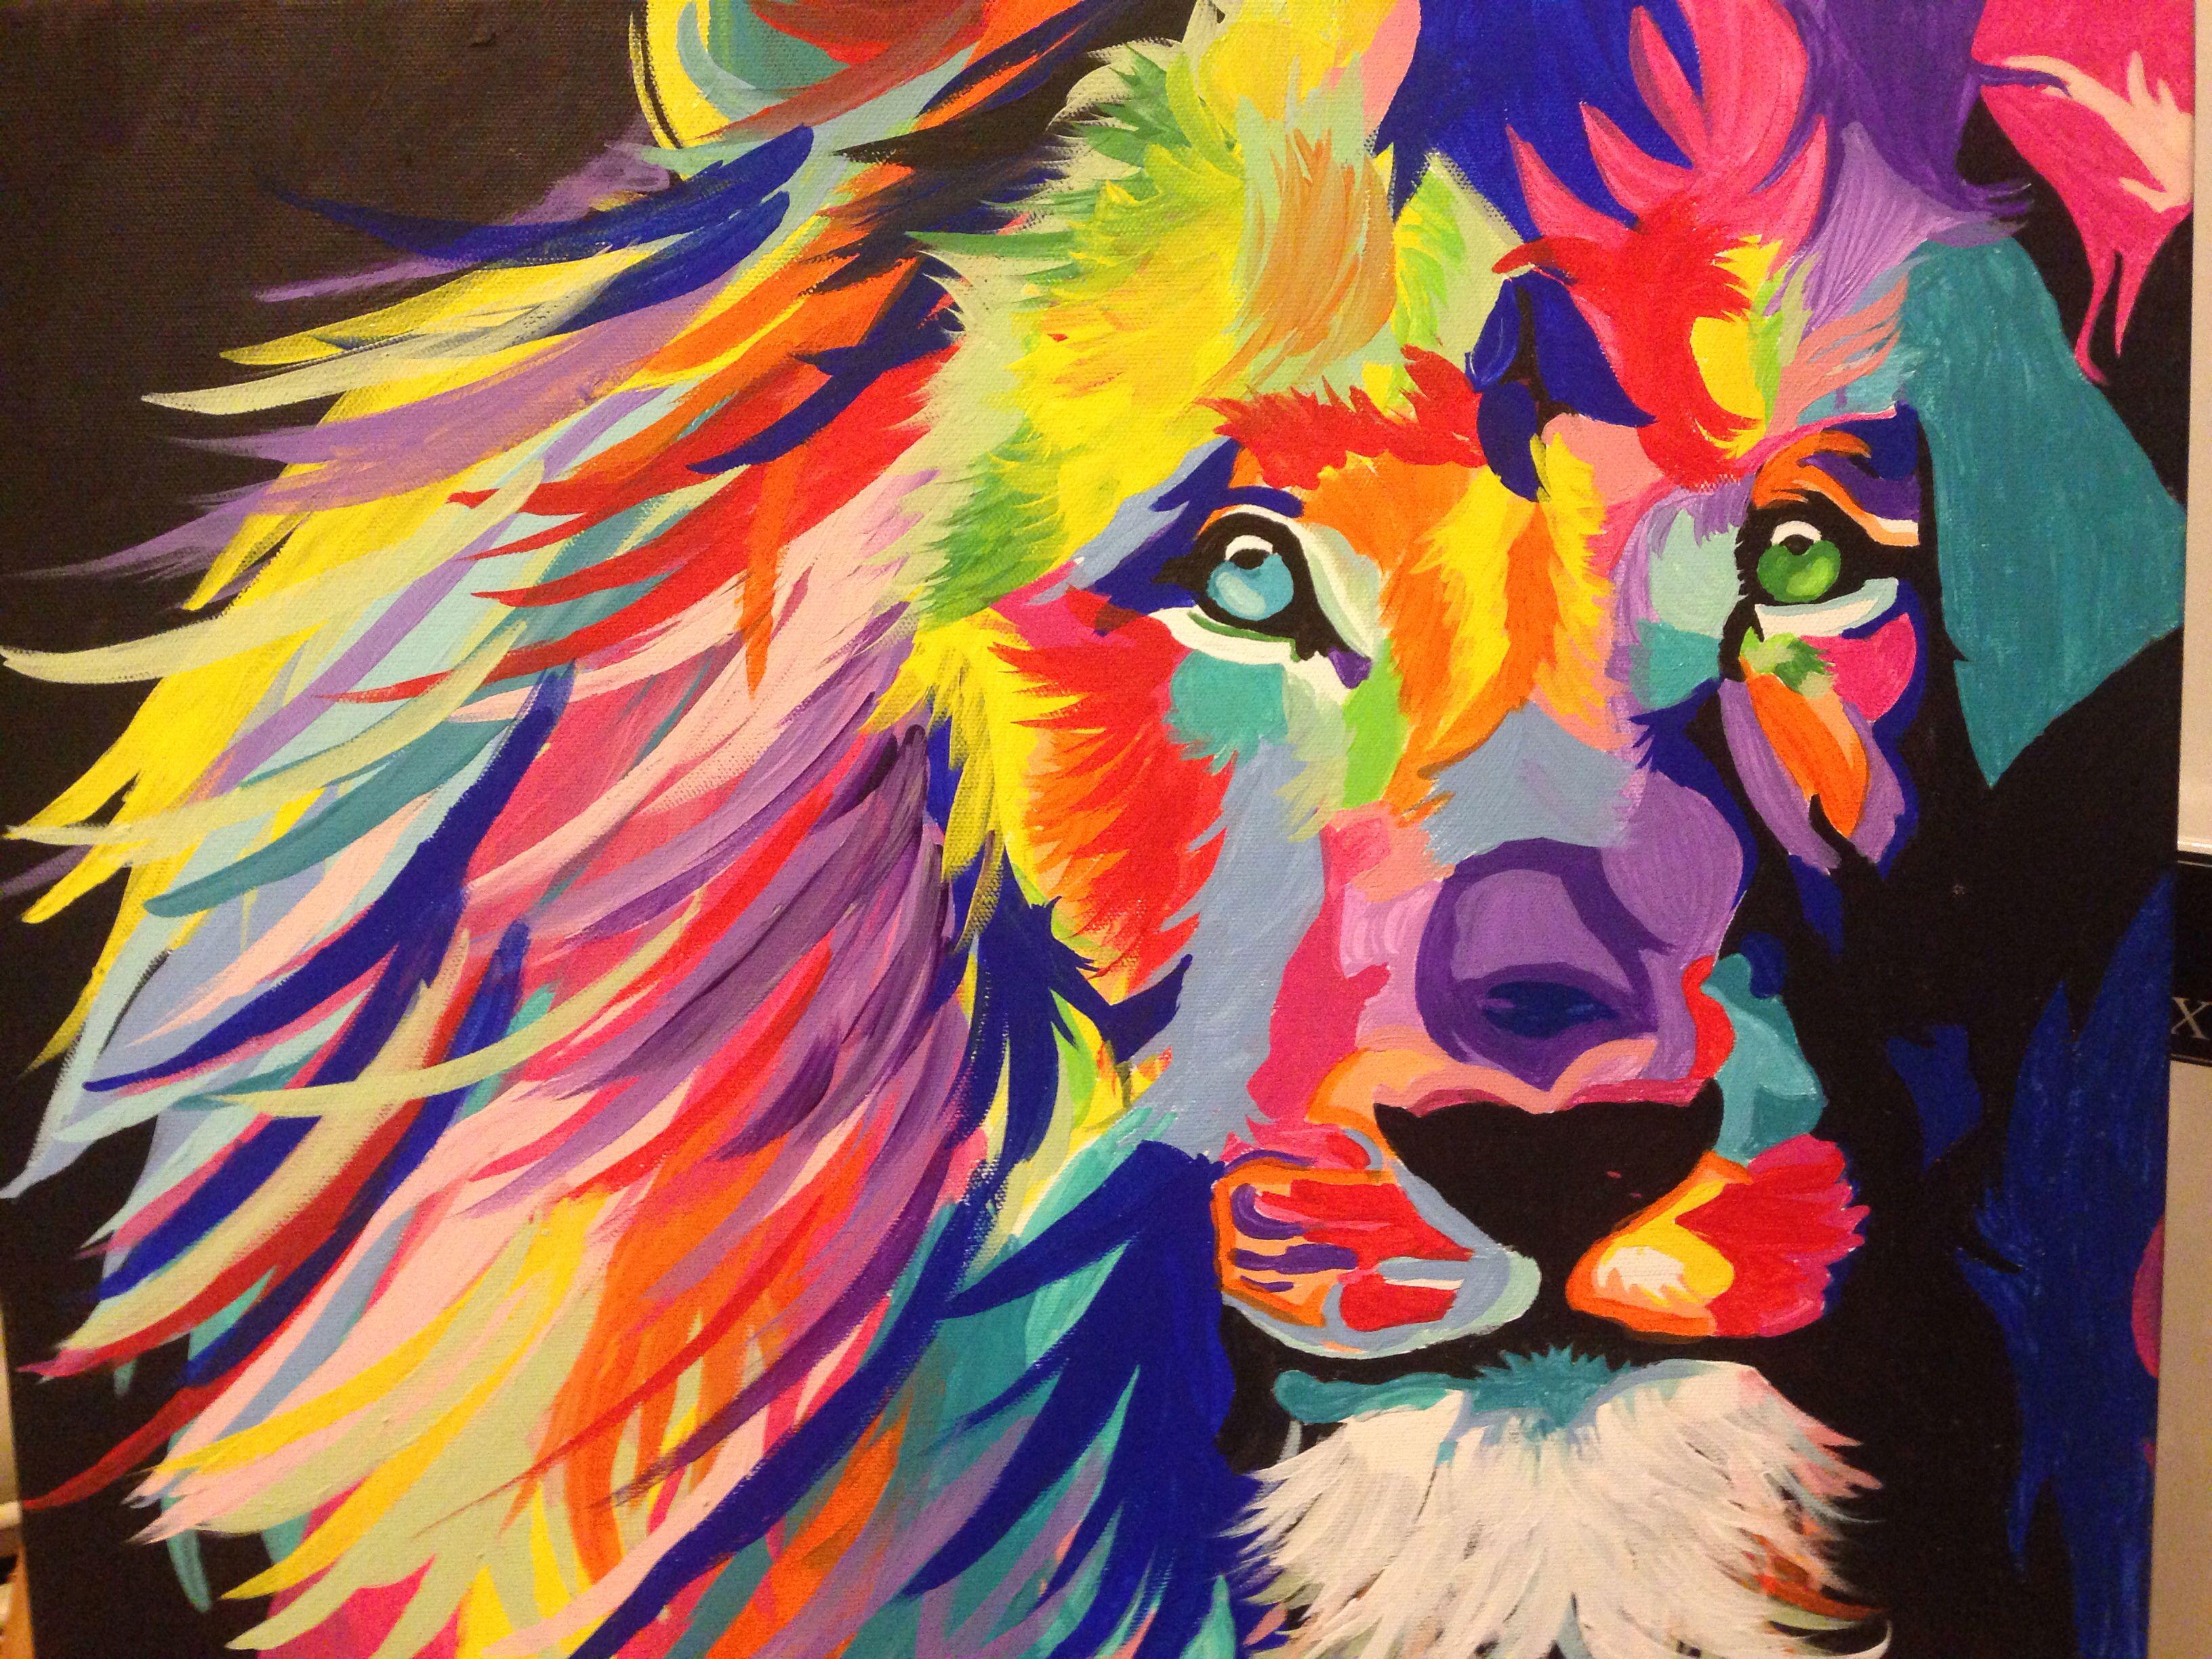 Colorful lion | Art, Painting, Color